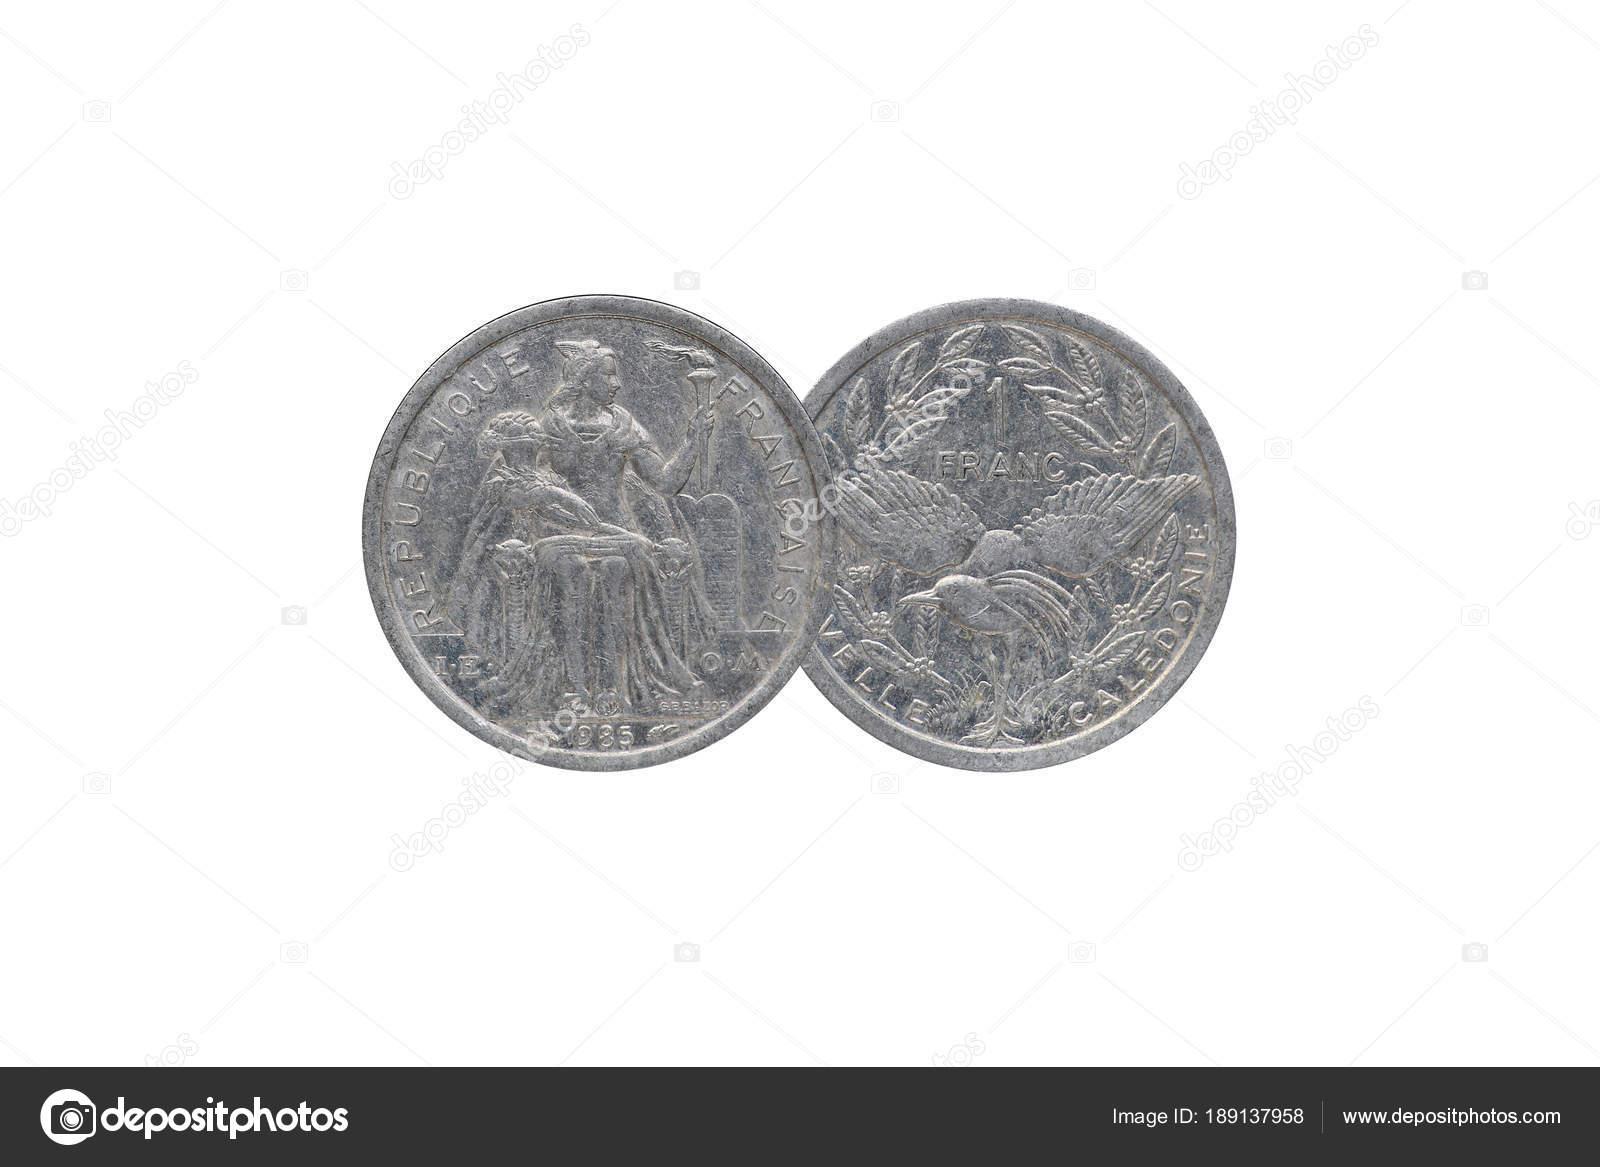 Alte Französische Münze Aus Frankreich Jahr 1985 Isoliert Auf Weißem